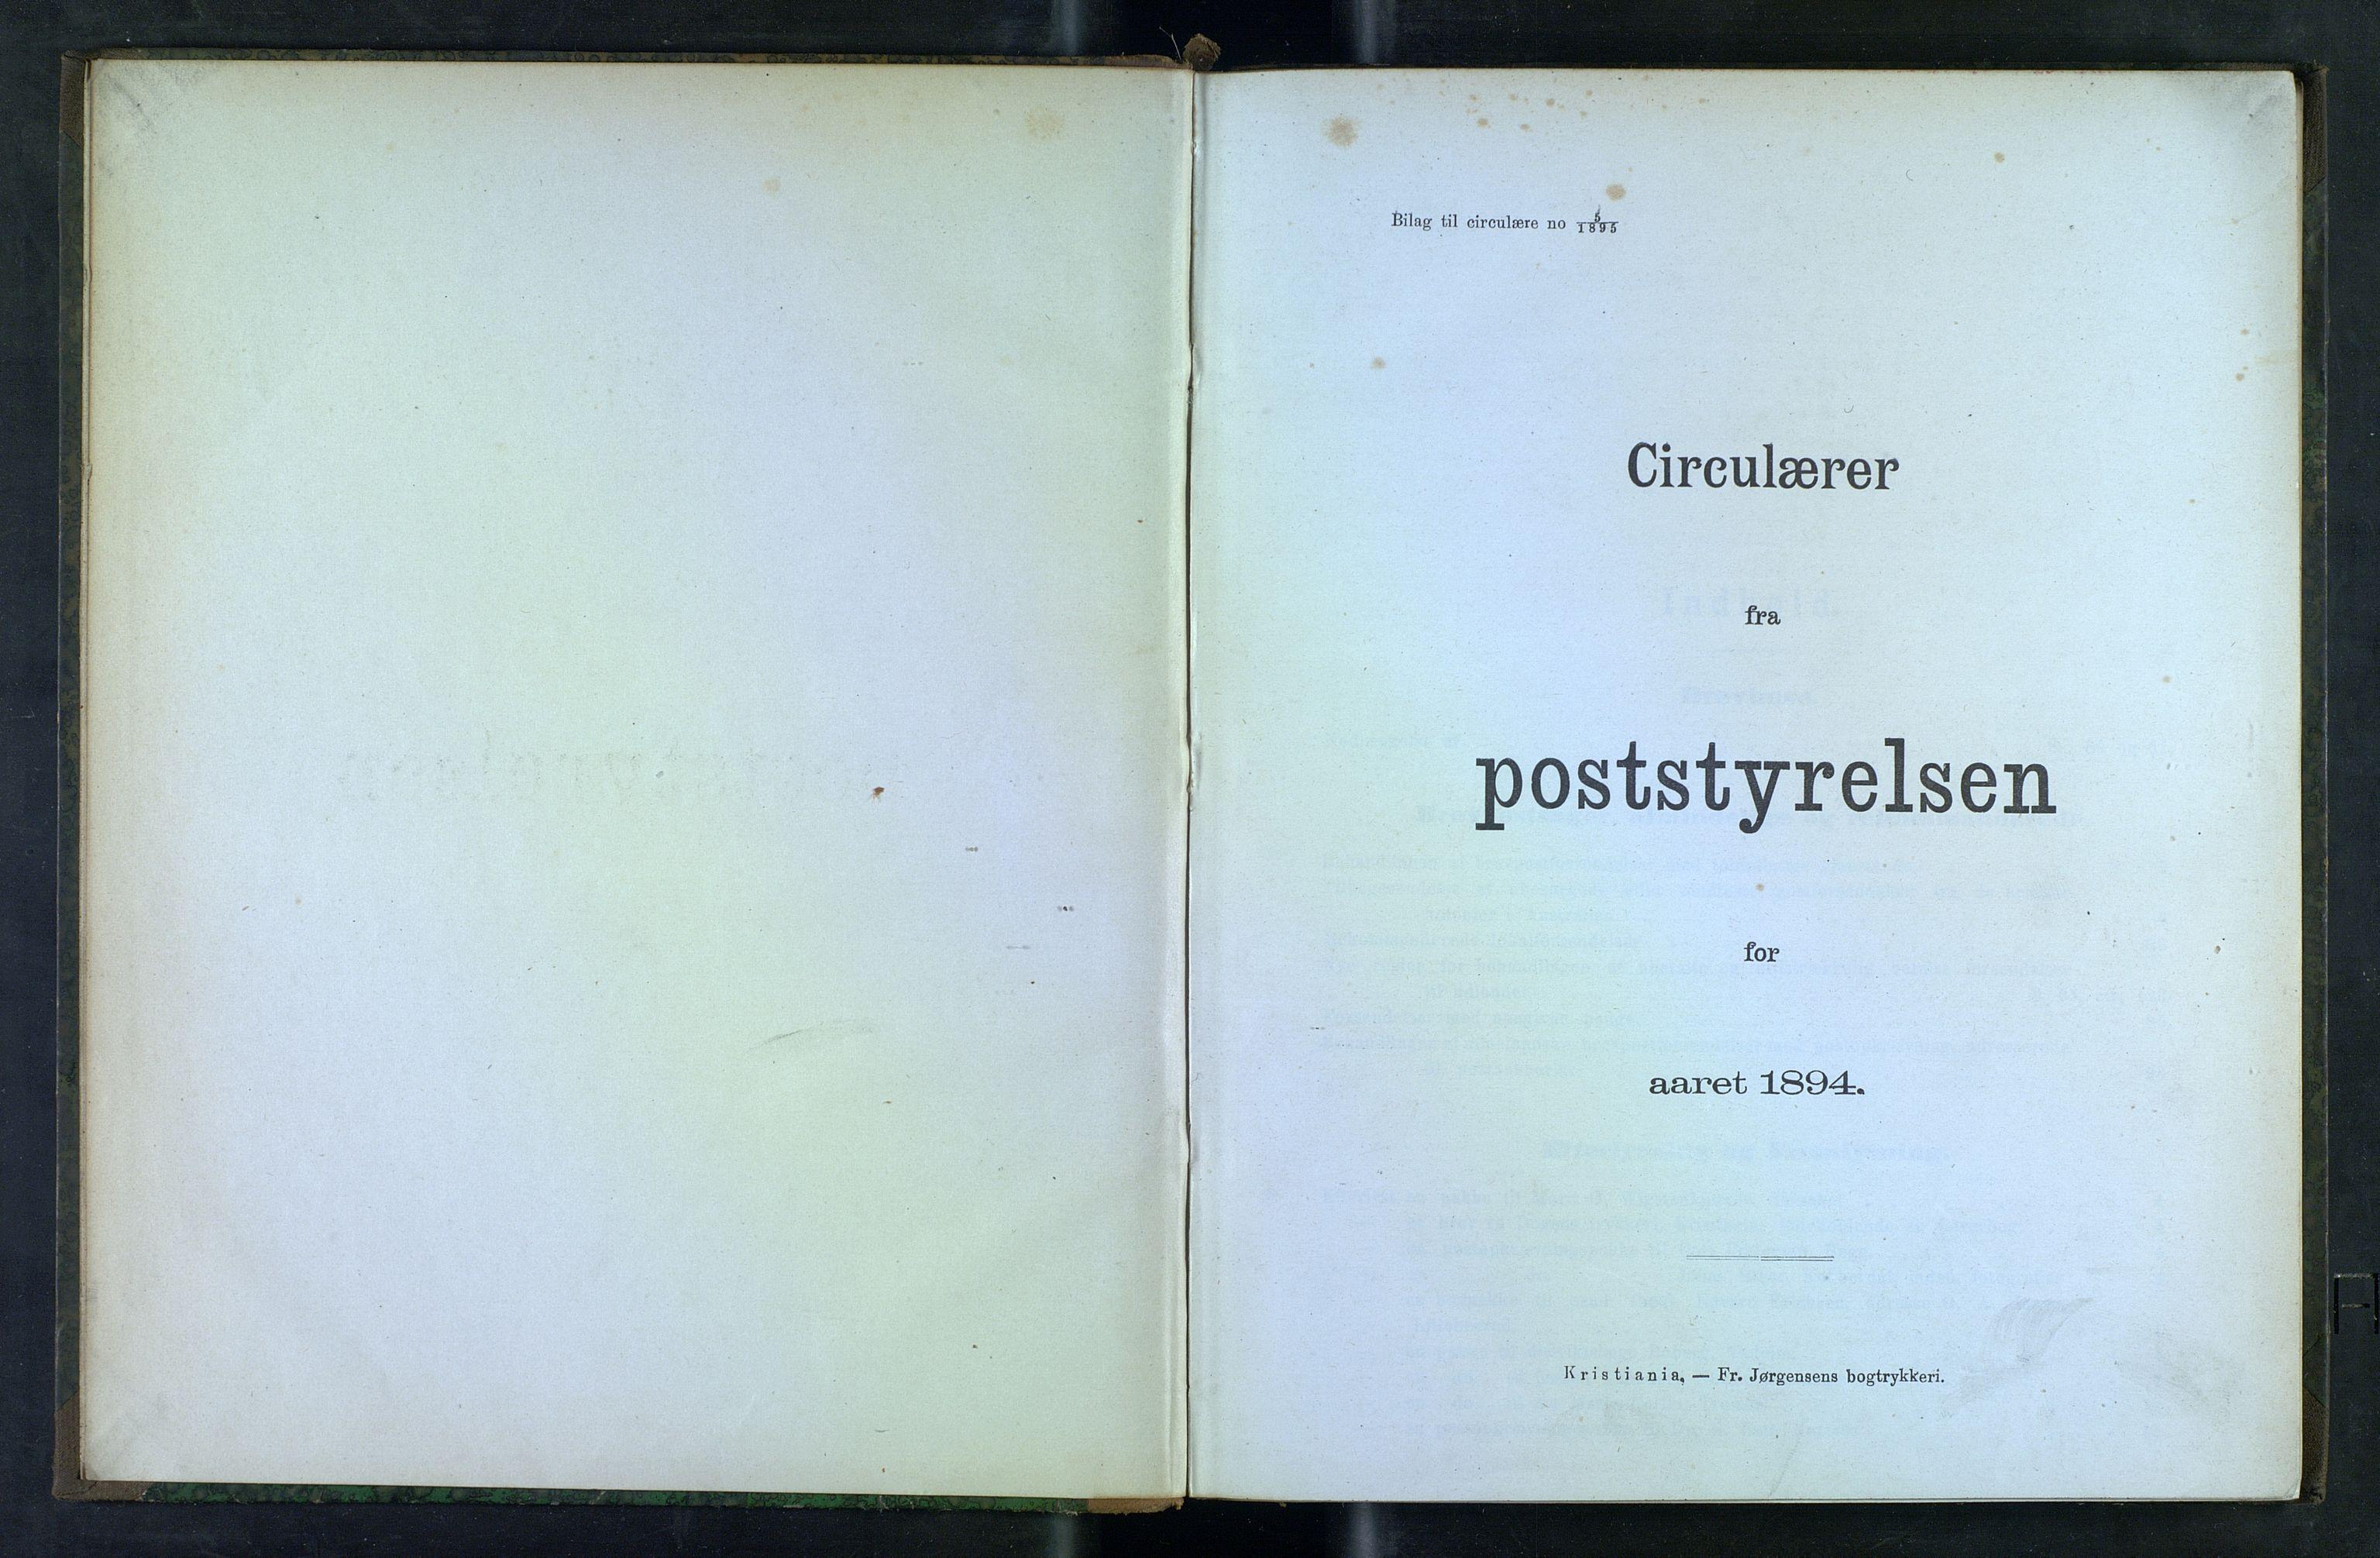 NOPO, Norges Postmuseums bibliotek, -/-: Sirkulærer fra Poststyrelsen, 1894